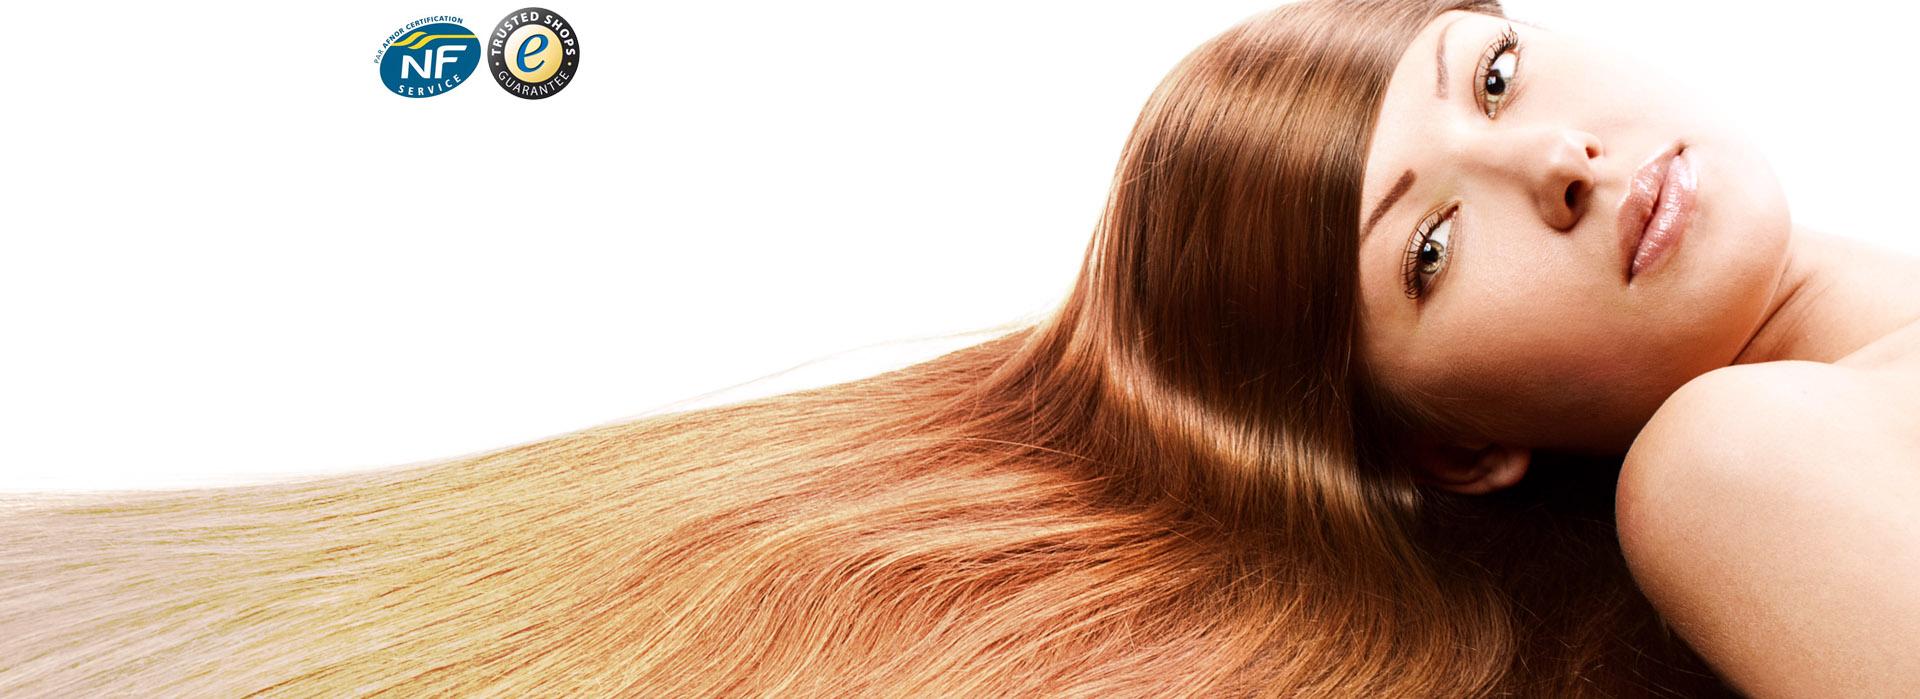 Vente extension de cheveux a tunis